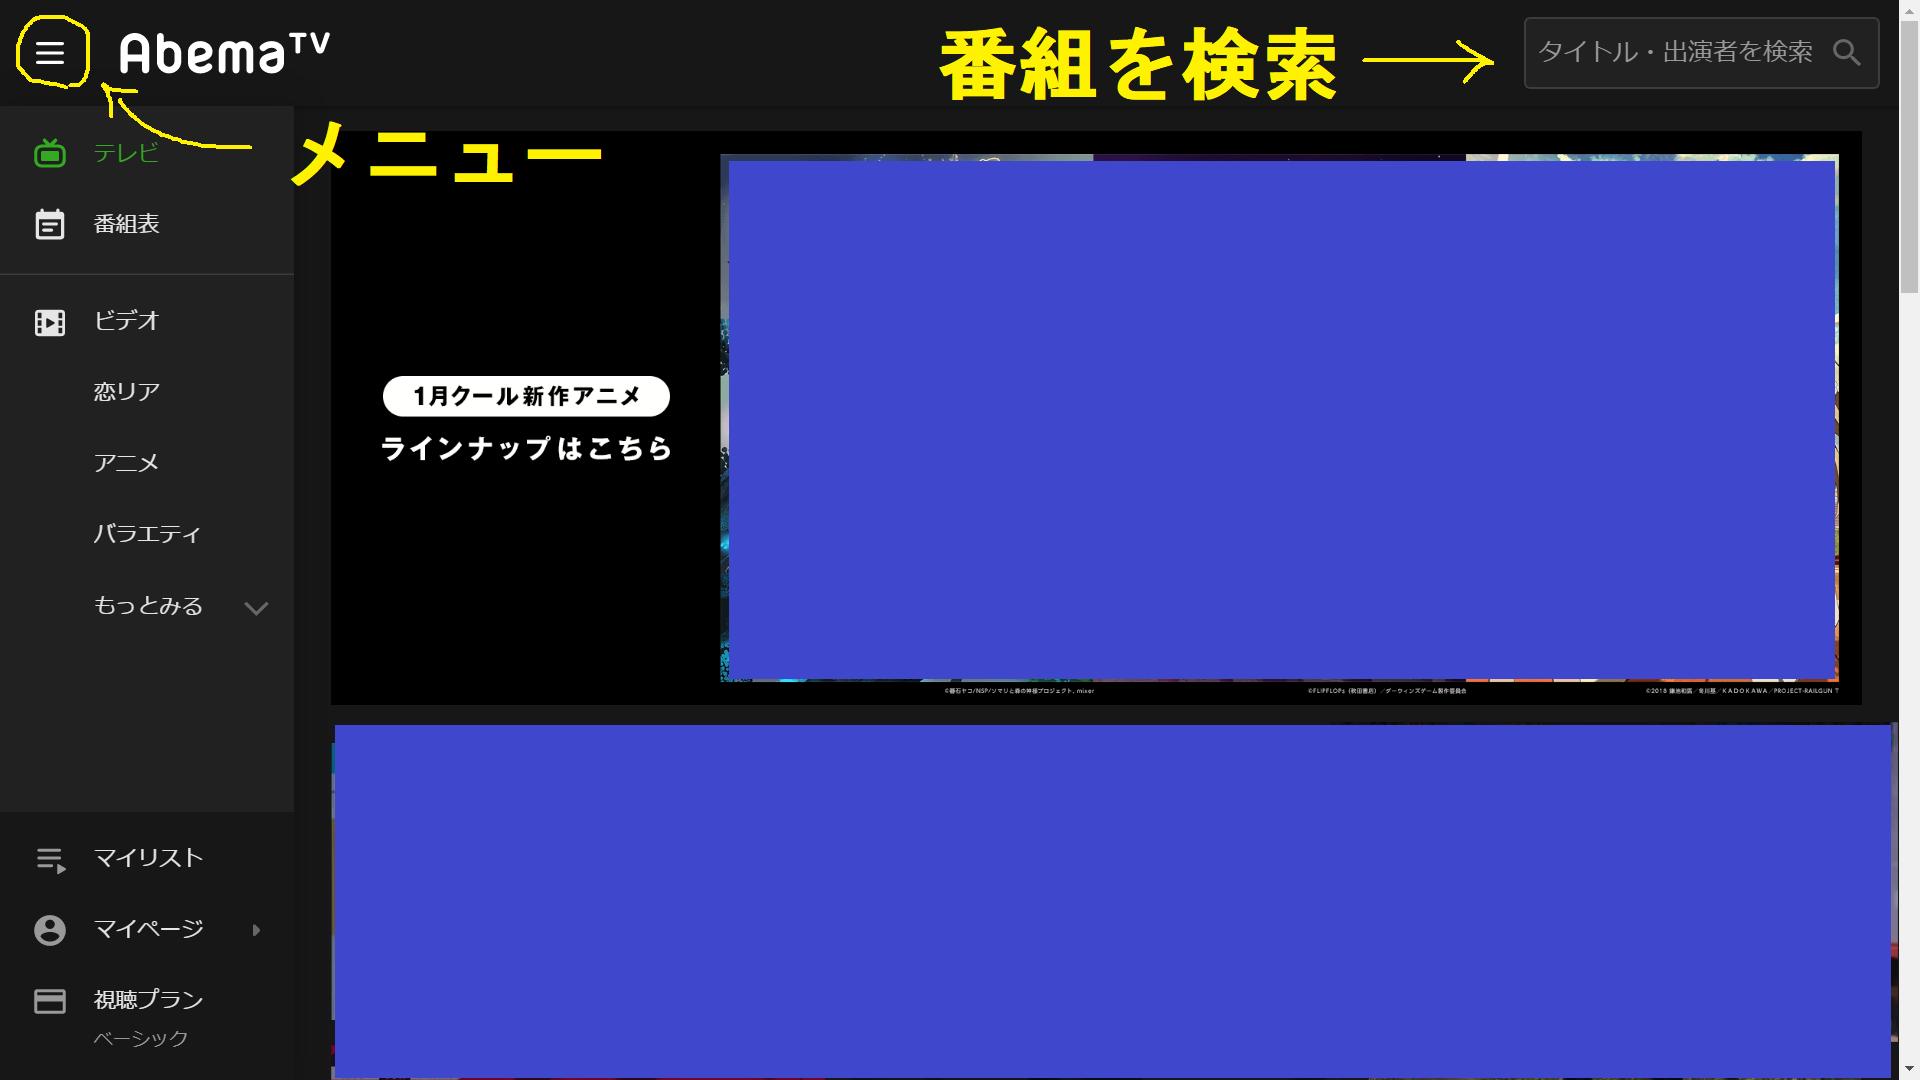 AbemaTVのTOPページ